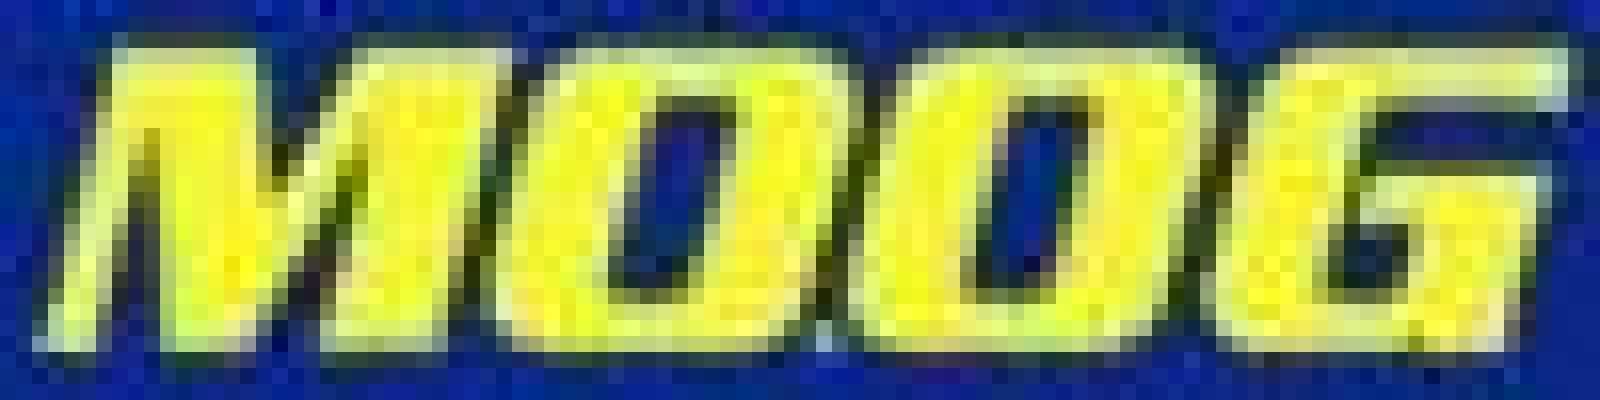 2x Koppelstange 2 Koppelstangen Stabis MOOG FD-LS-0090